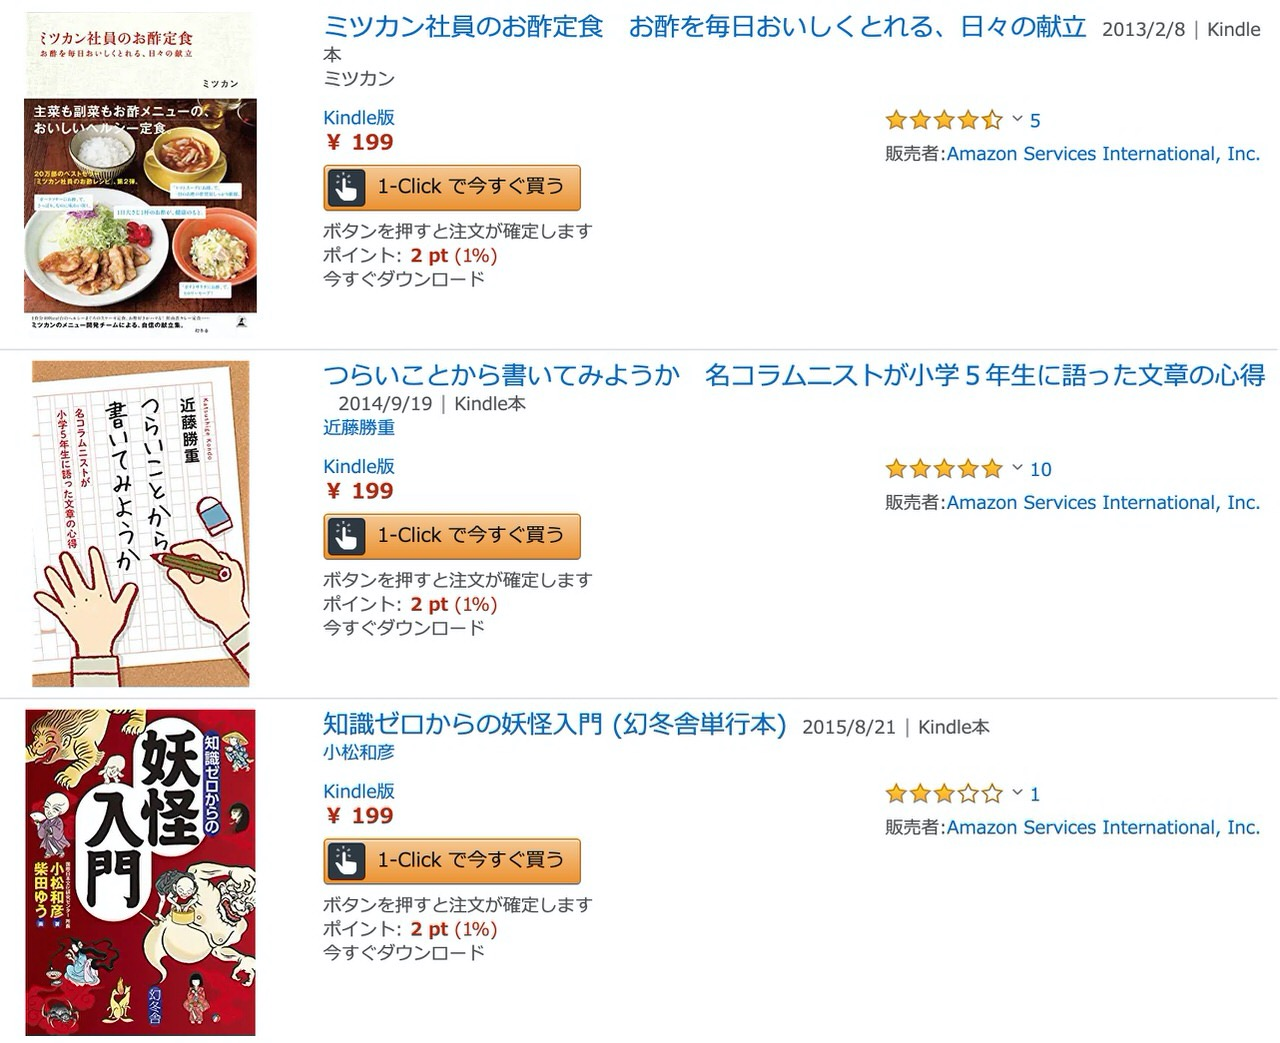 【Kindleセール】199円均一!ミツカン社員のお酢定食、つらいことから書いてみようか、知識ゼロからの妖怪入門など「おすすめ実用書300冊以上」(1/30まで)